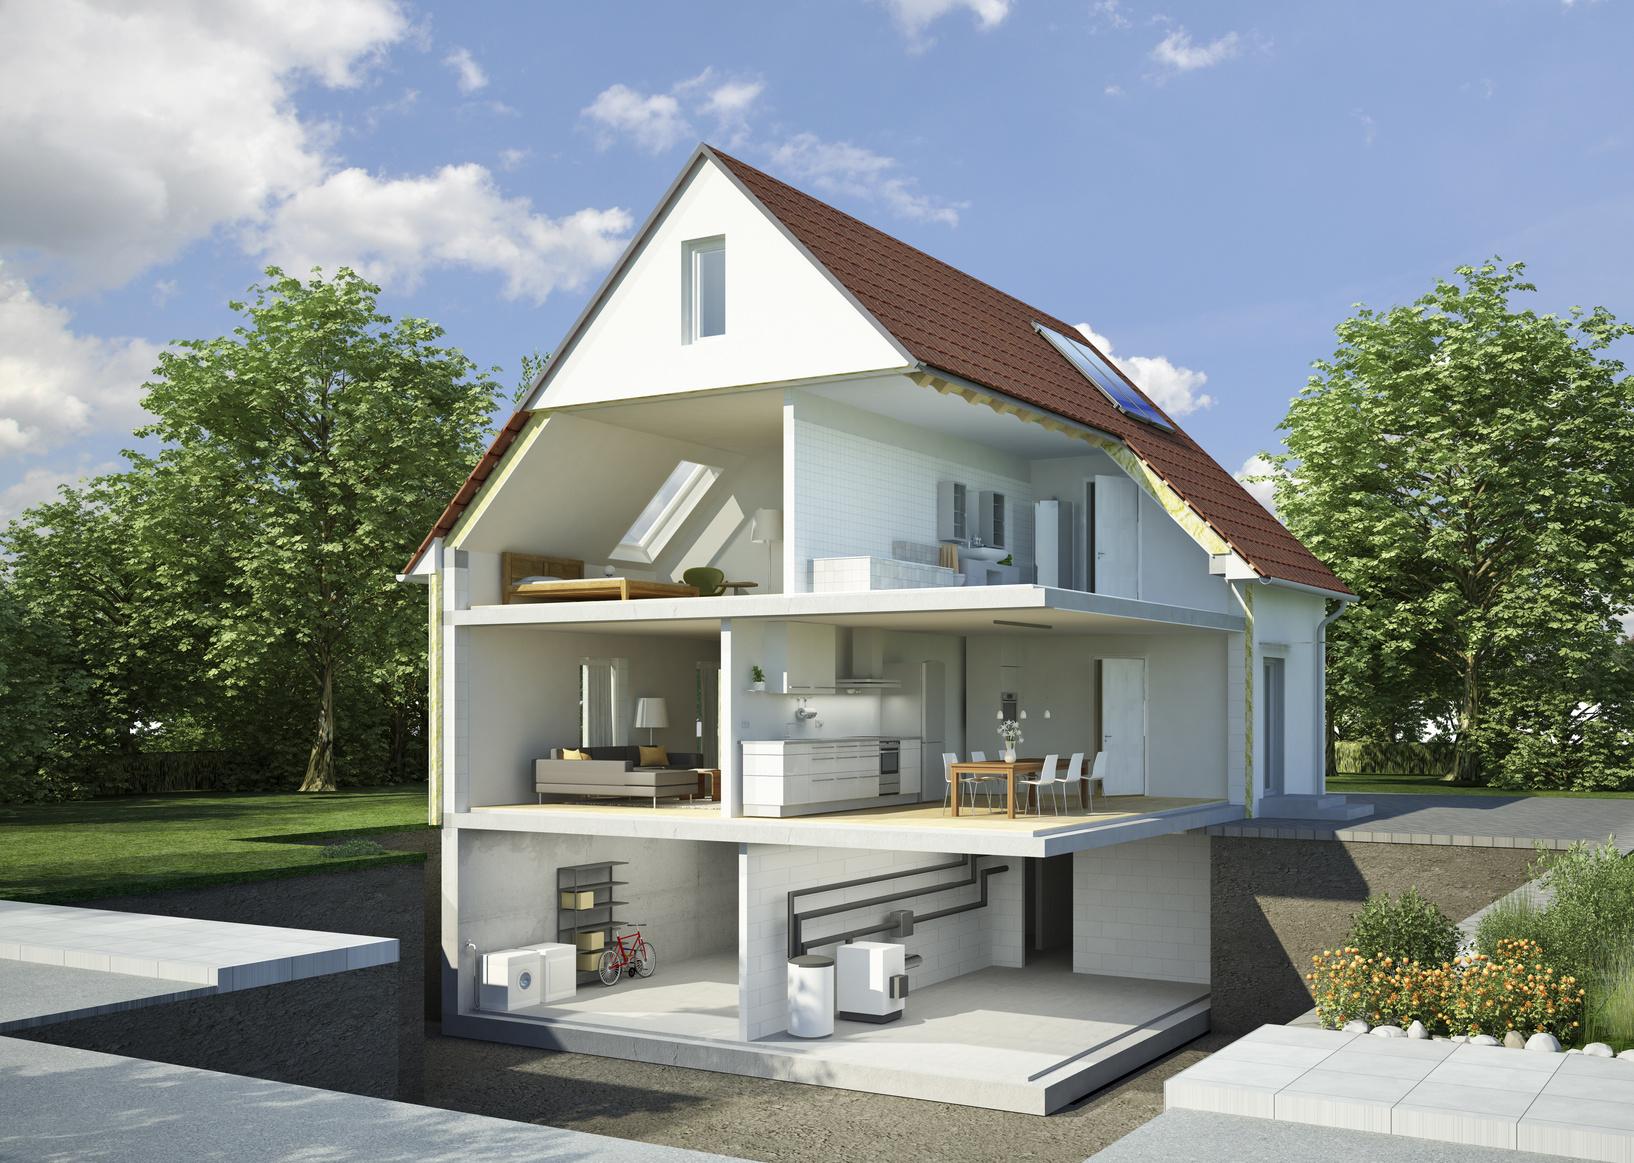 Benötigt ein Neubau einen Keller?